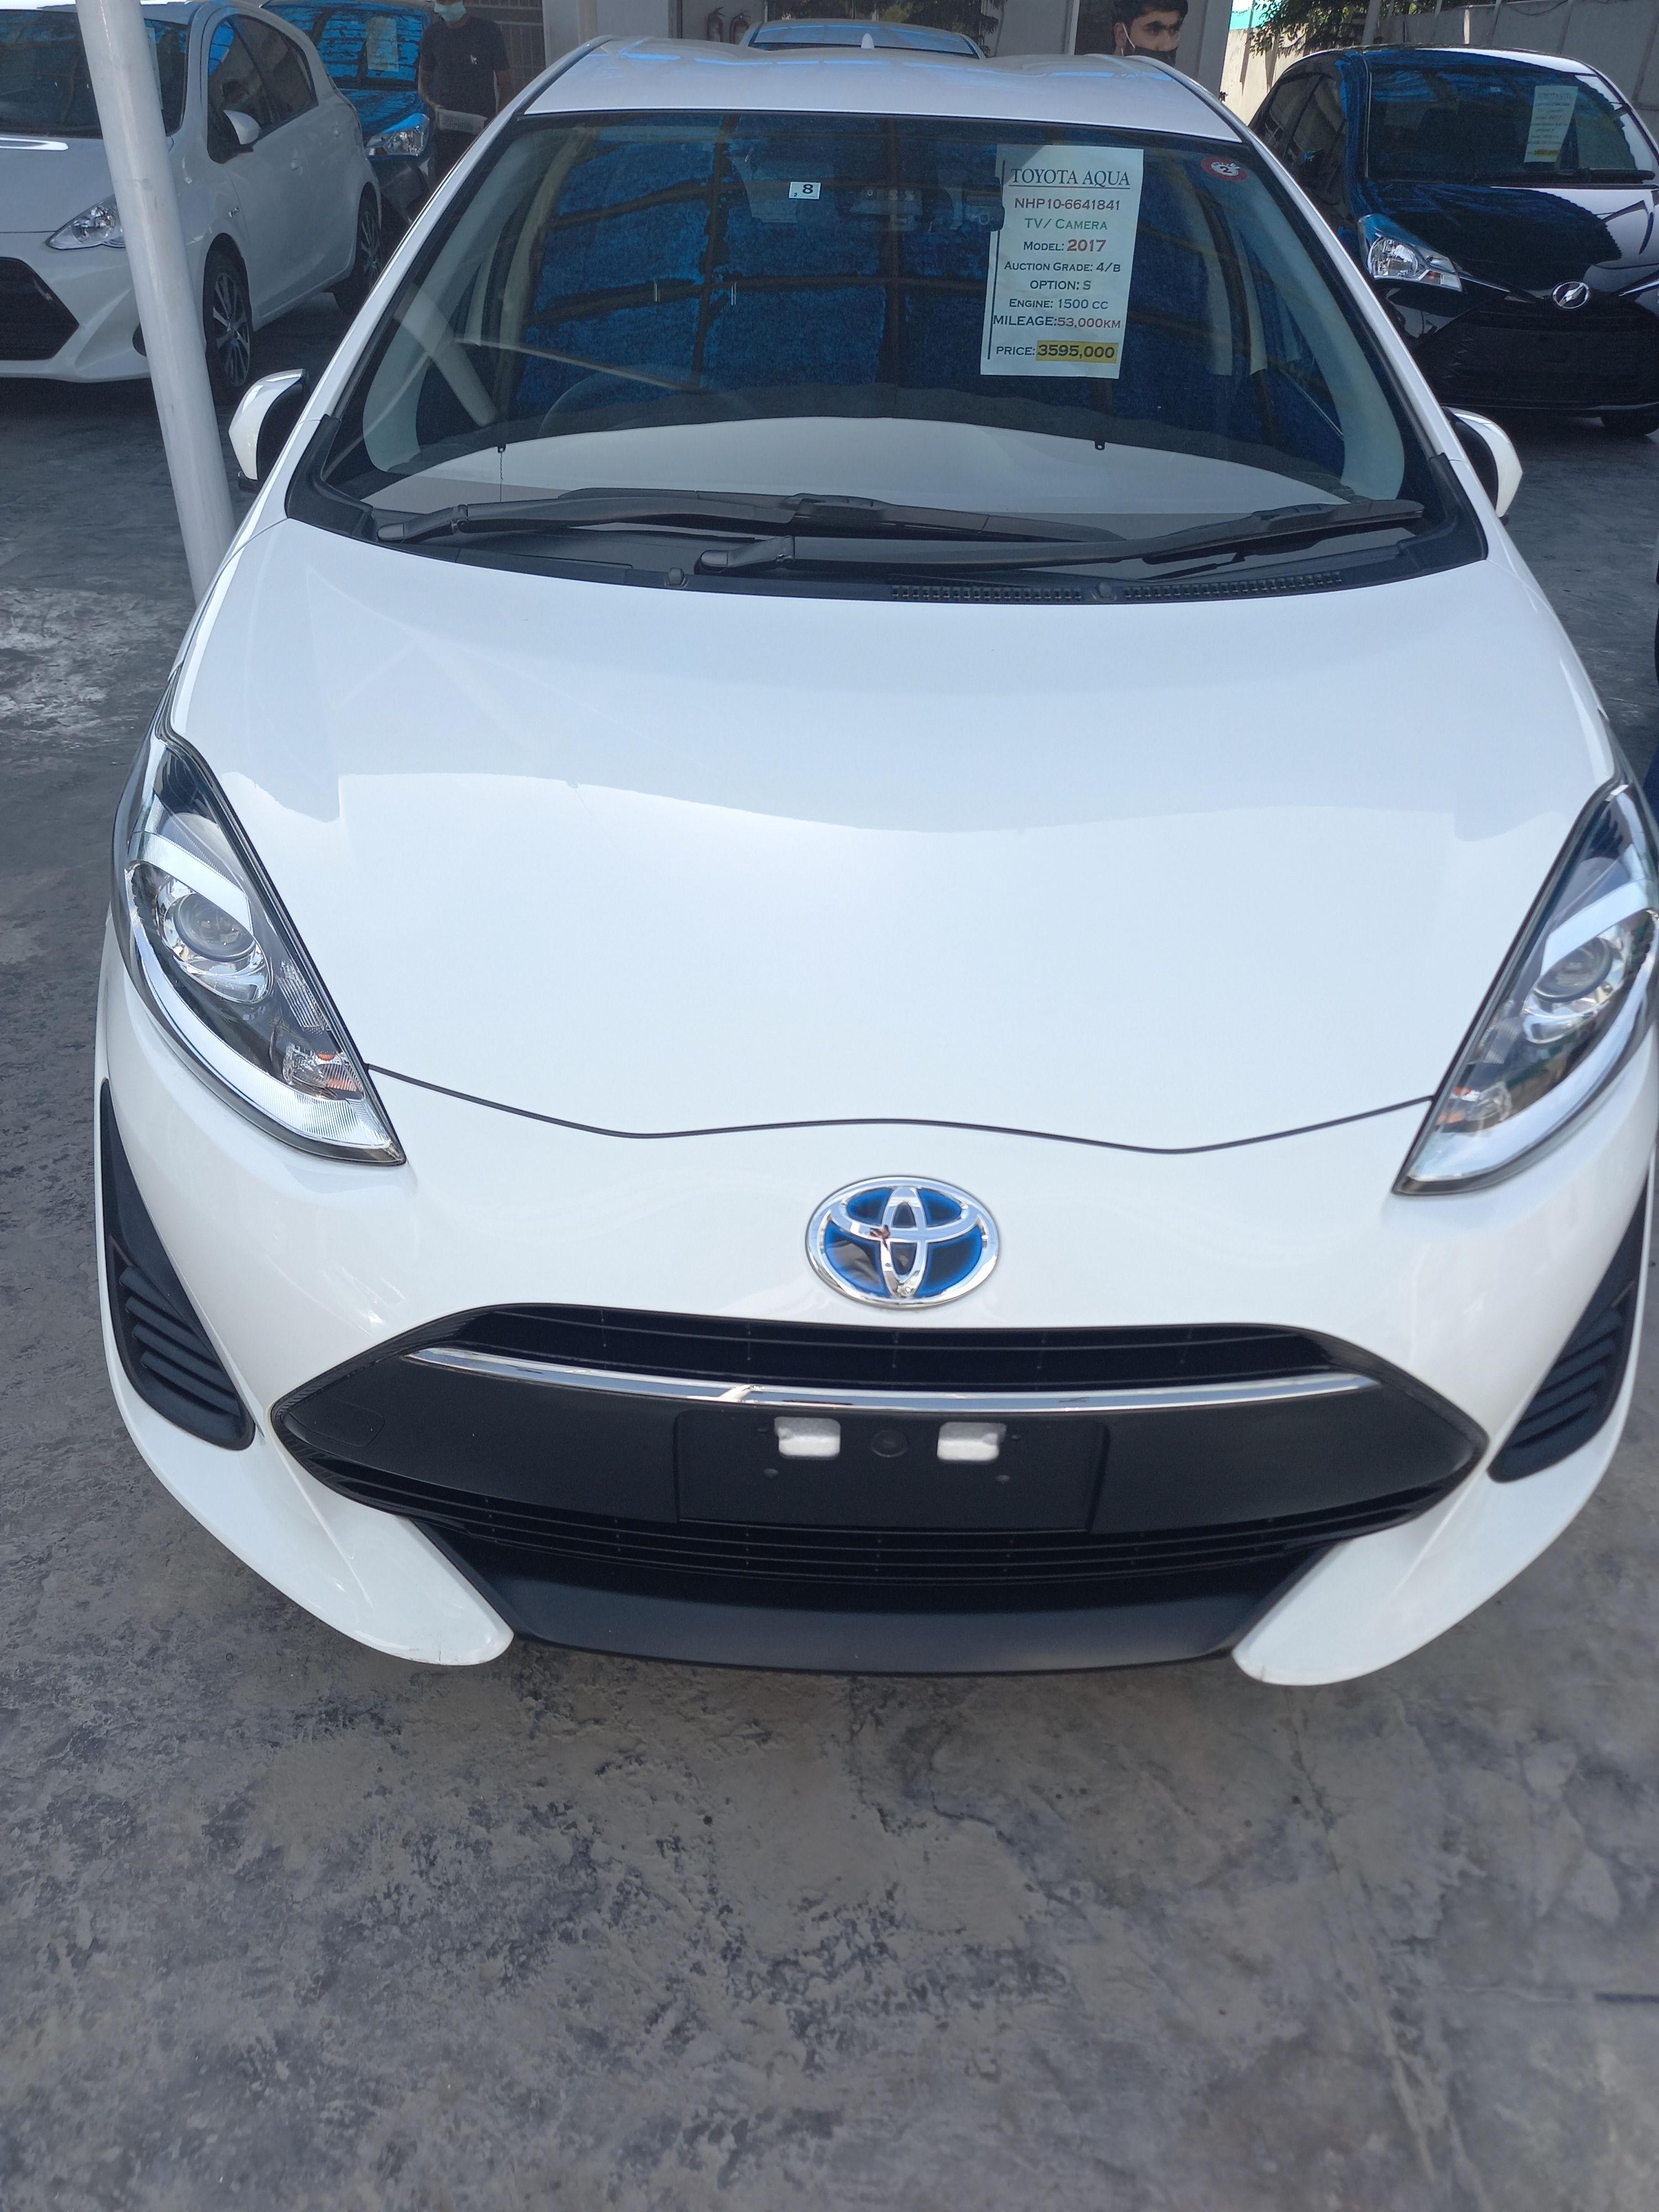 Toyota Aqua S